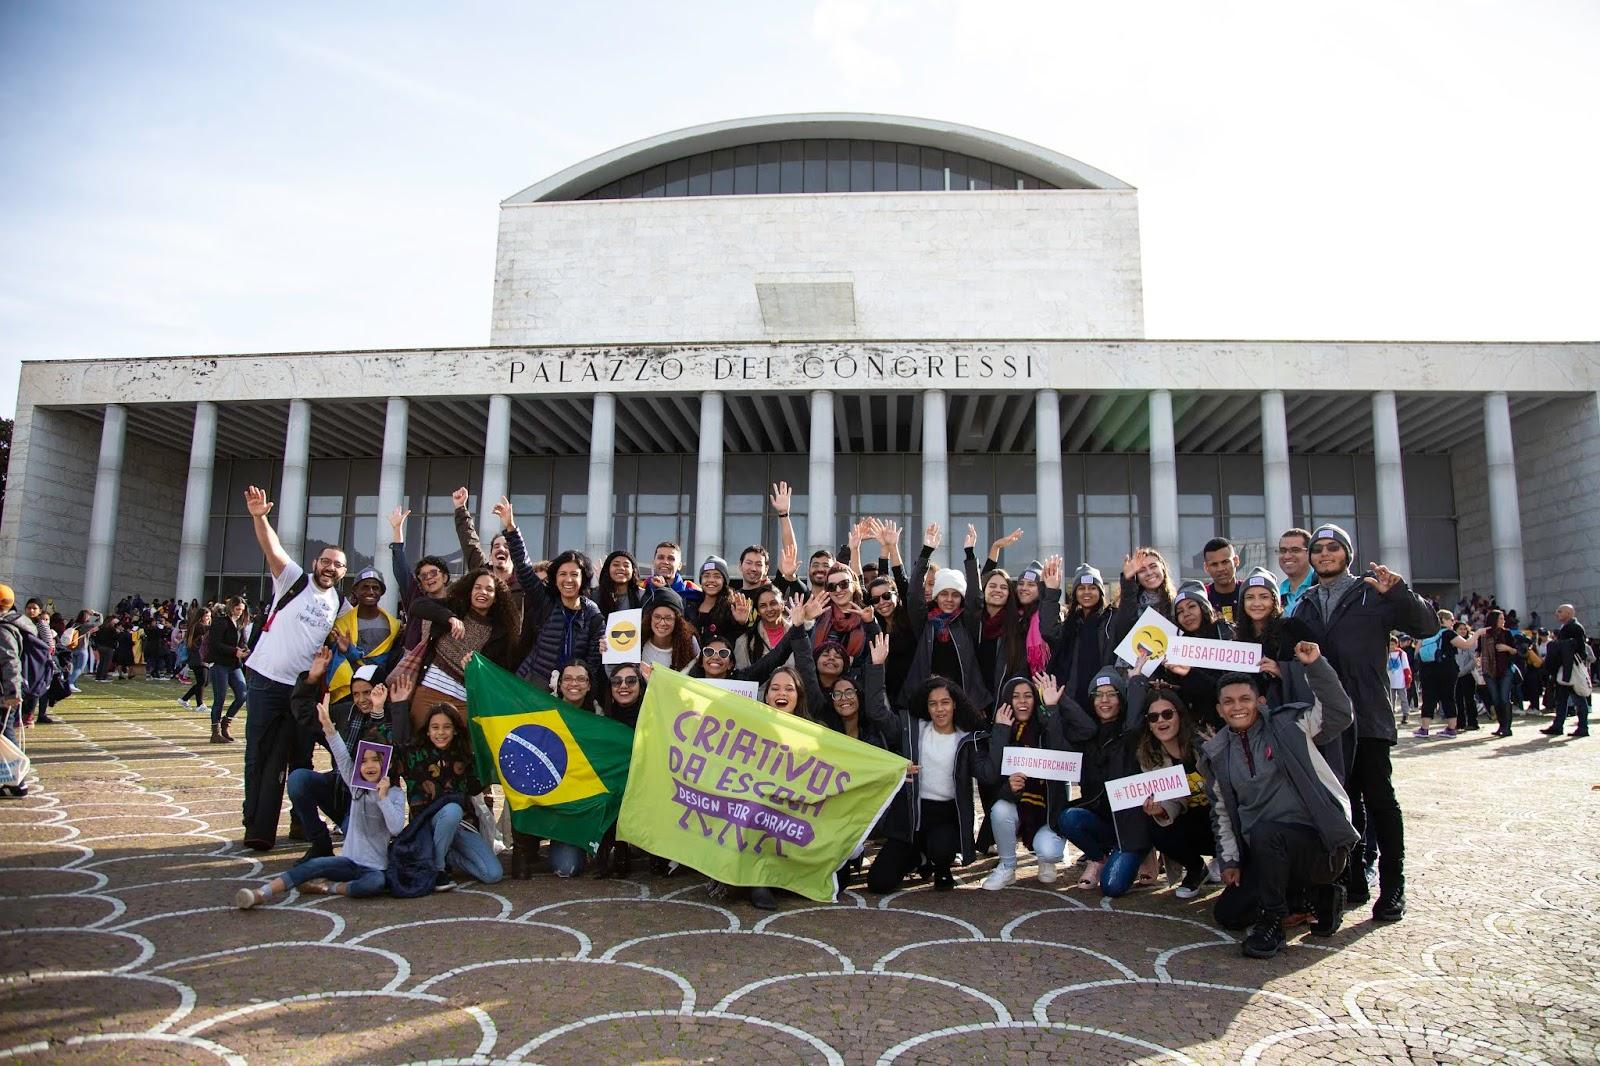 Conferência contou com a presença do Papa Francisco e mais de 2 mil estudantes de todo o mundo